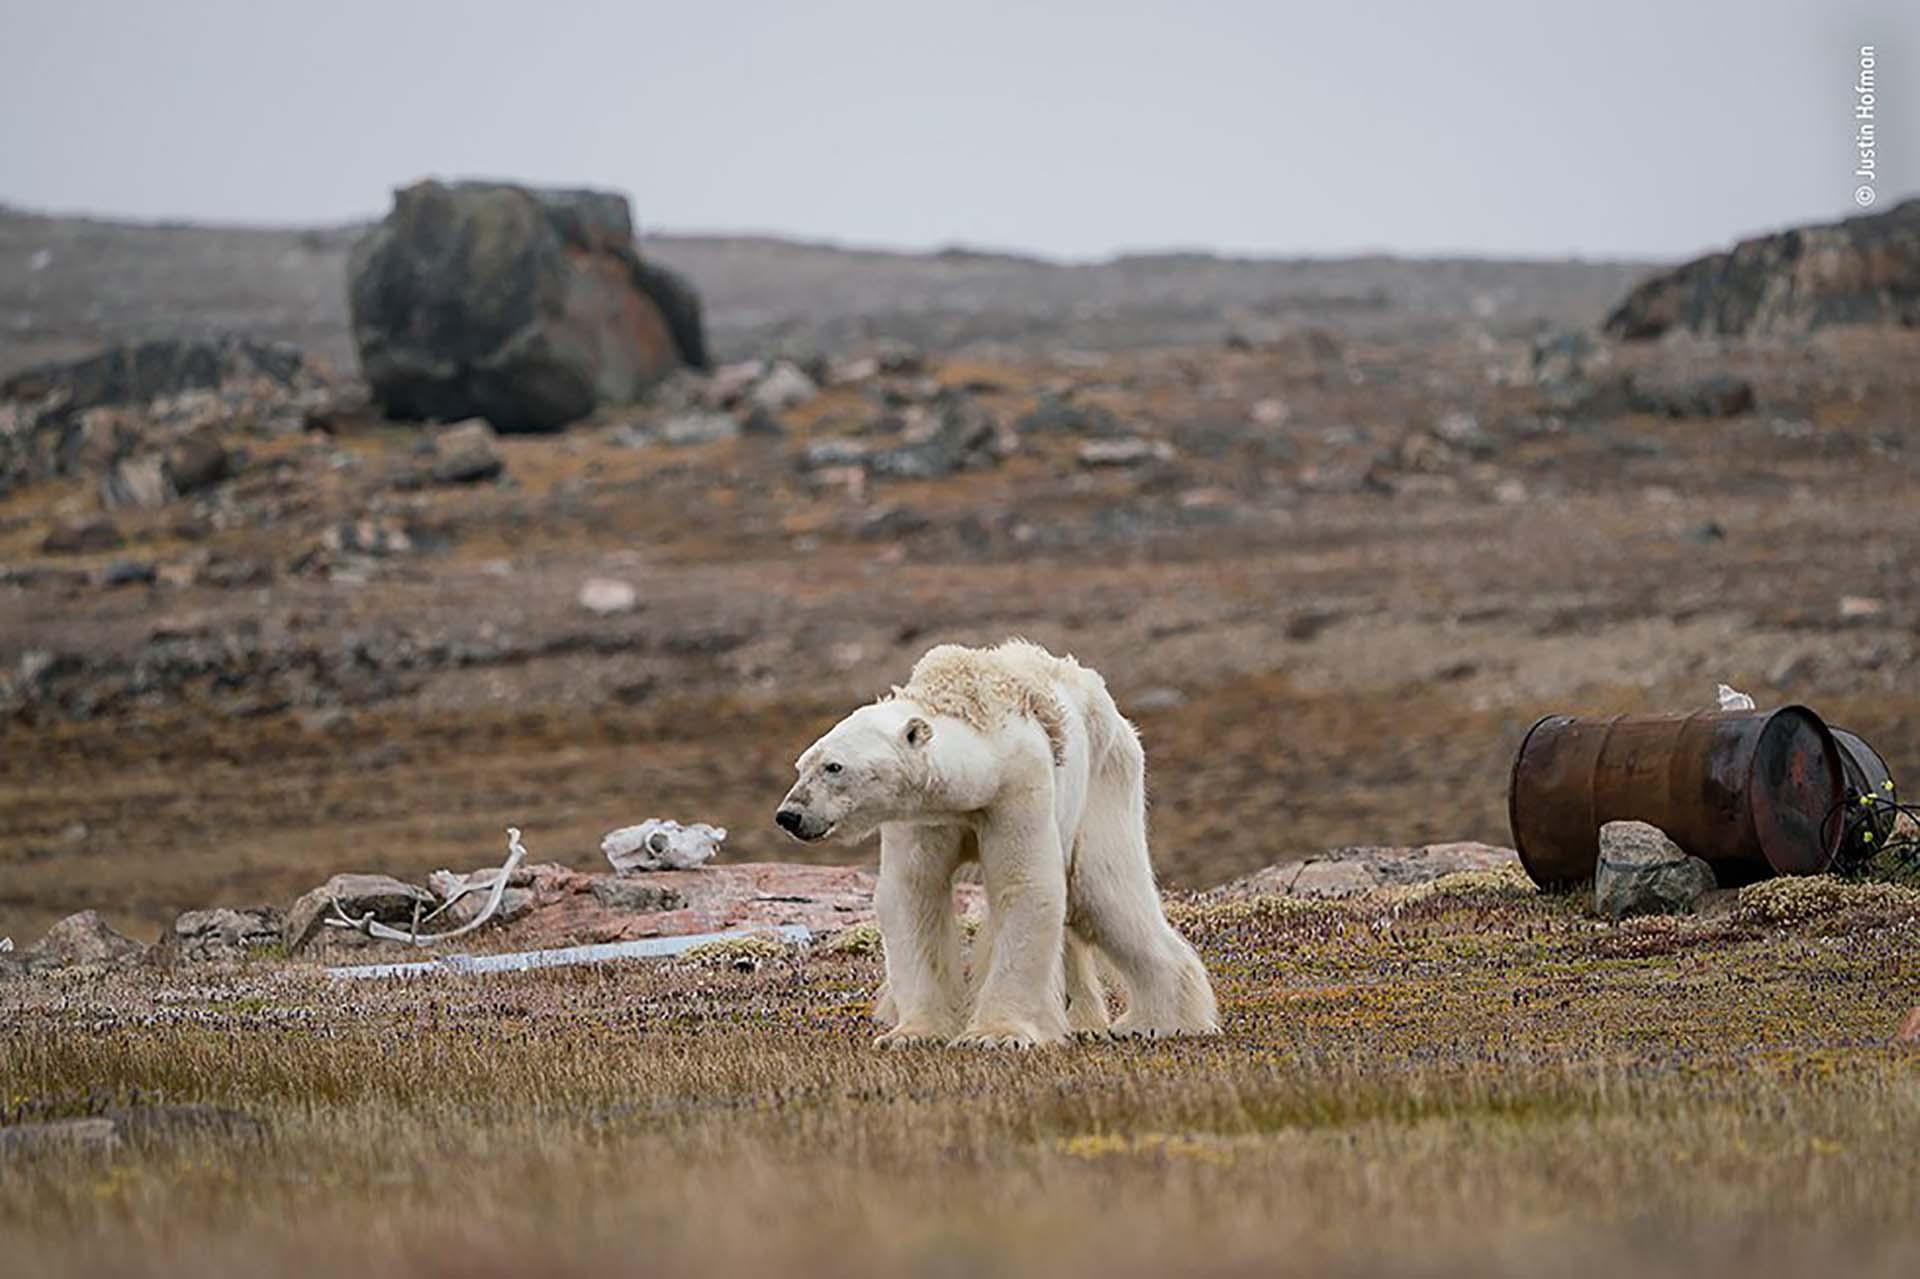 'La lucha de un oso polar': Un oso polar hambriento en un campamento de cazadores abandonado, en el Ártico canadiense, se pone de pie con esfuerzo. La imagen es de Justin Hofman